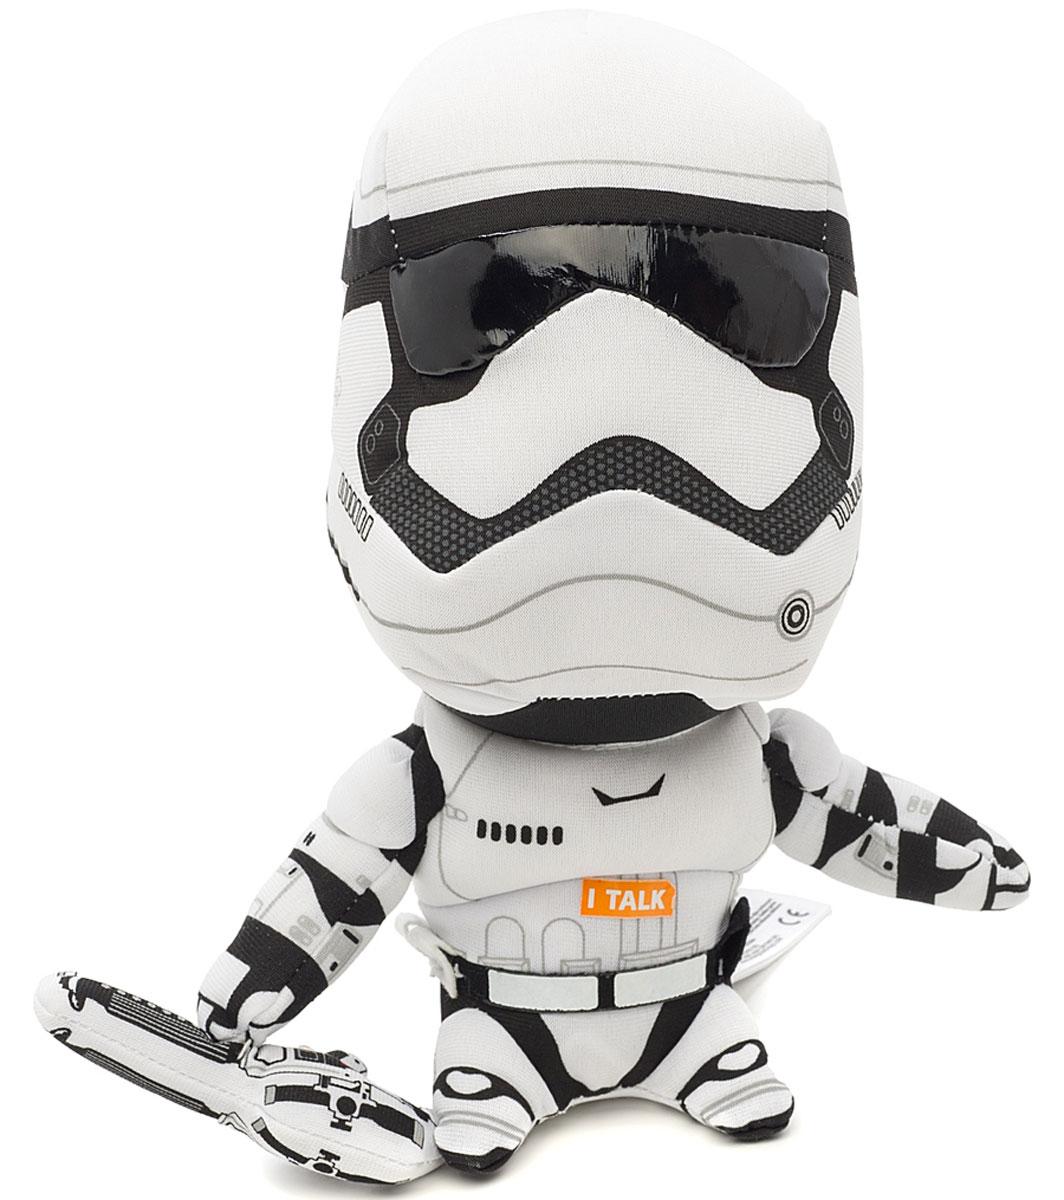 Star Wars Мягкая озвученная игрушка Штурмовик 21 смSW01921Мягкая озвученная игрушка Star Wars Штурмовик порадует любого поклонника знаменитой саги Звездные войны. Игрушка выполнена из высококачественного текстильного материала в виде солдата-штурмовика и отличается удивительной детализацией, что делает этого миниатюрного персонажа очень похожим на своей реальный прототип. При нажатии на живот игрушки, она издаст характерные для персонажа звуки. Оригинальная мягкая игрушка непременно поднимет настроение своему обладателю и станет замечательным подарком любому ребенку или взрослому, увлеченному вселенной Звездных войн. Рекомендуется докупить 3 батарейки напряжением 1,5V типа LR44/AG13 (товар комплектуется демонстрационными).